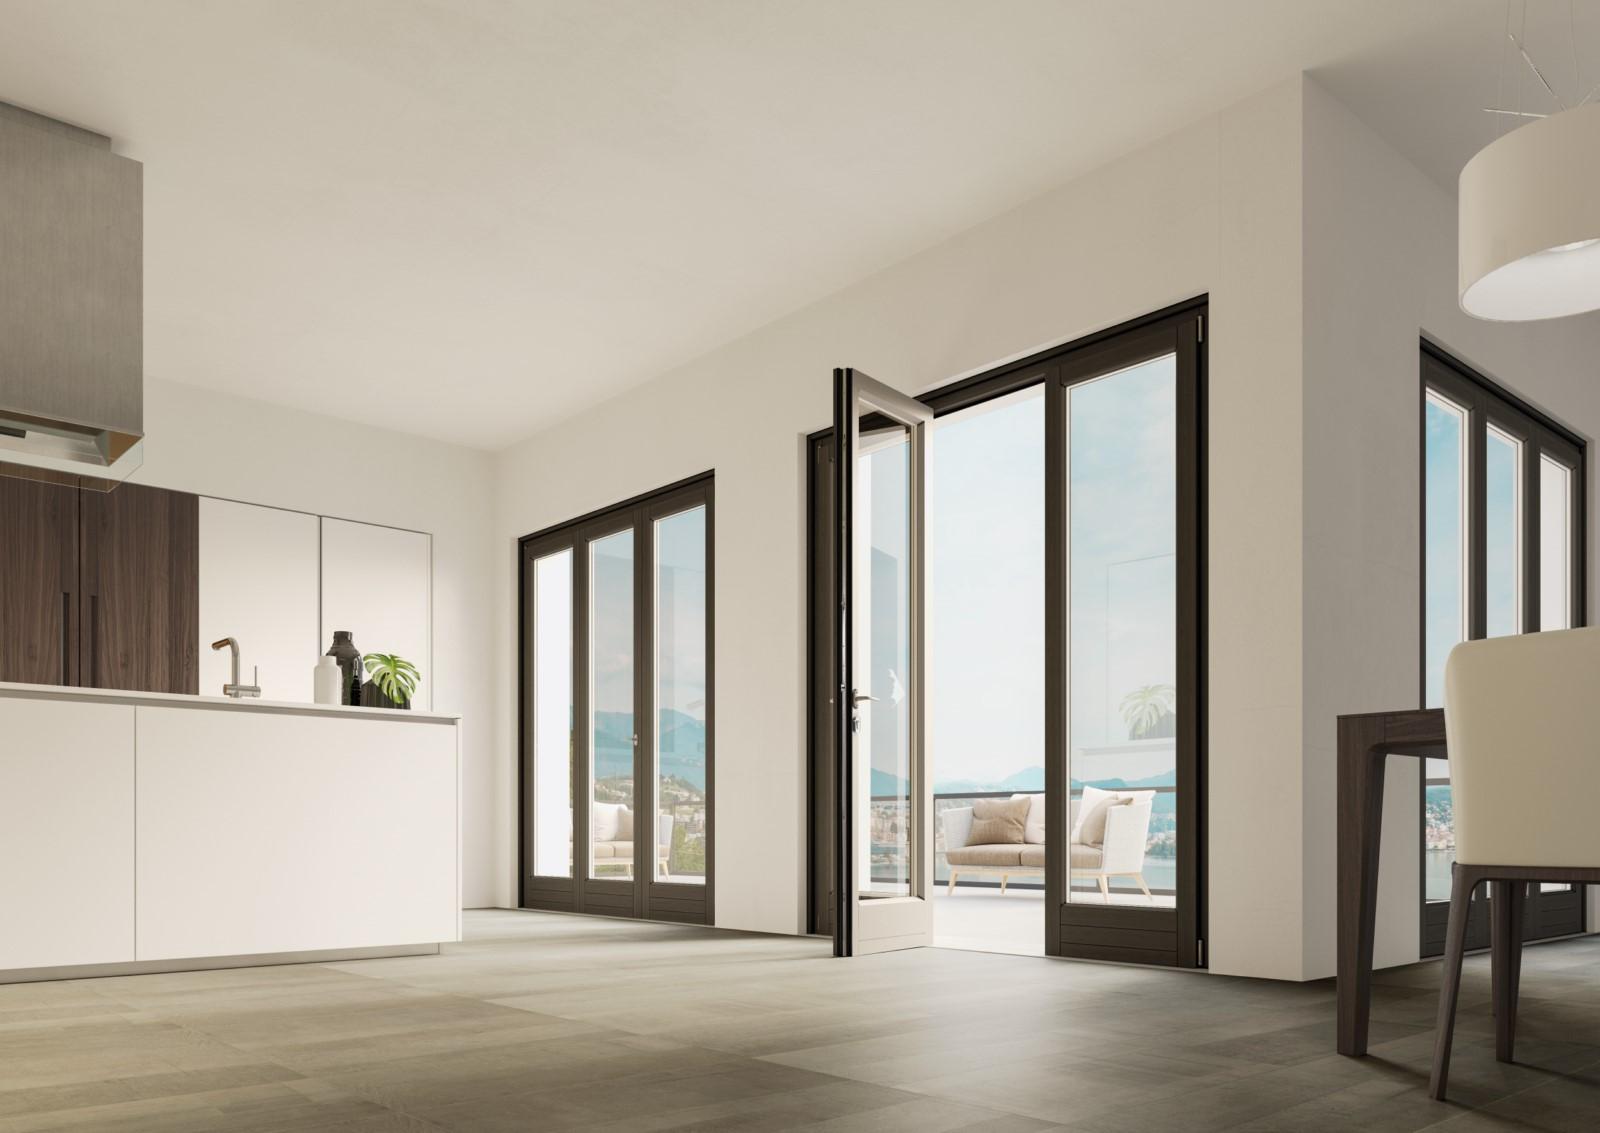 Finestre in legno finstral da omnia serramenti a pisa - Soglie per finestre moderne ...